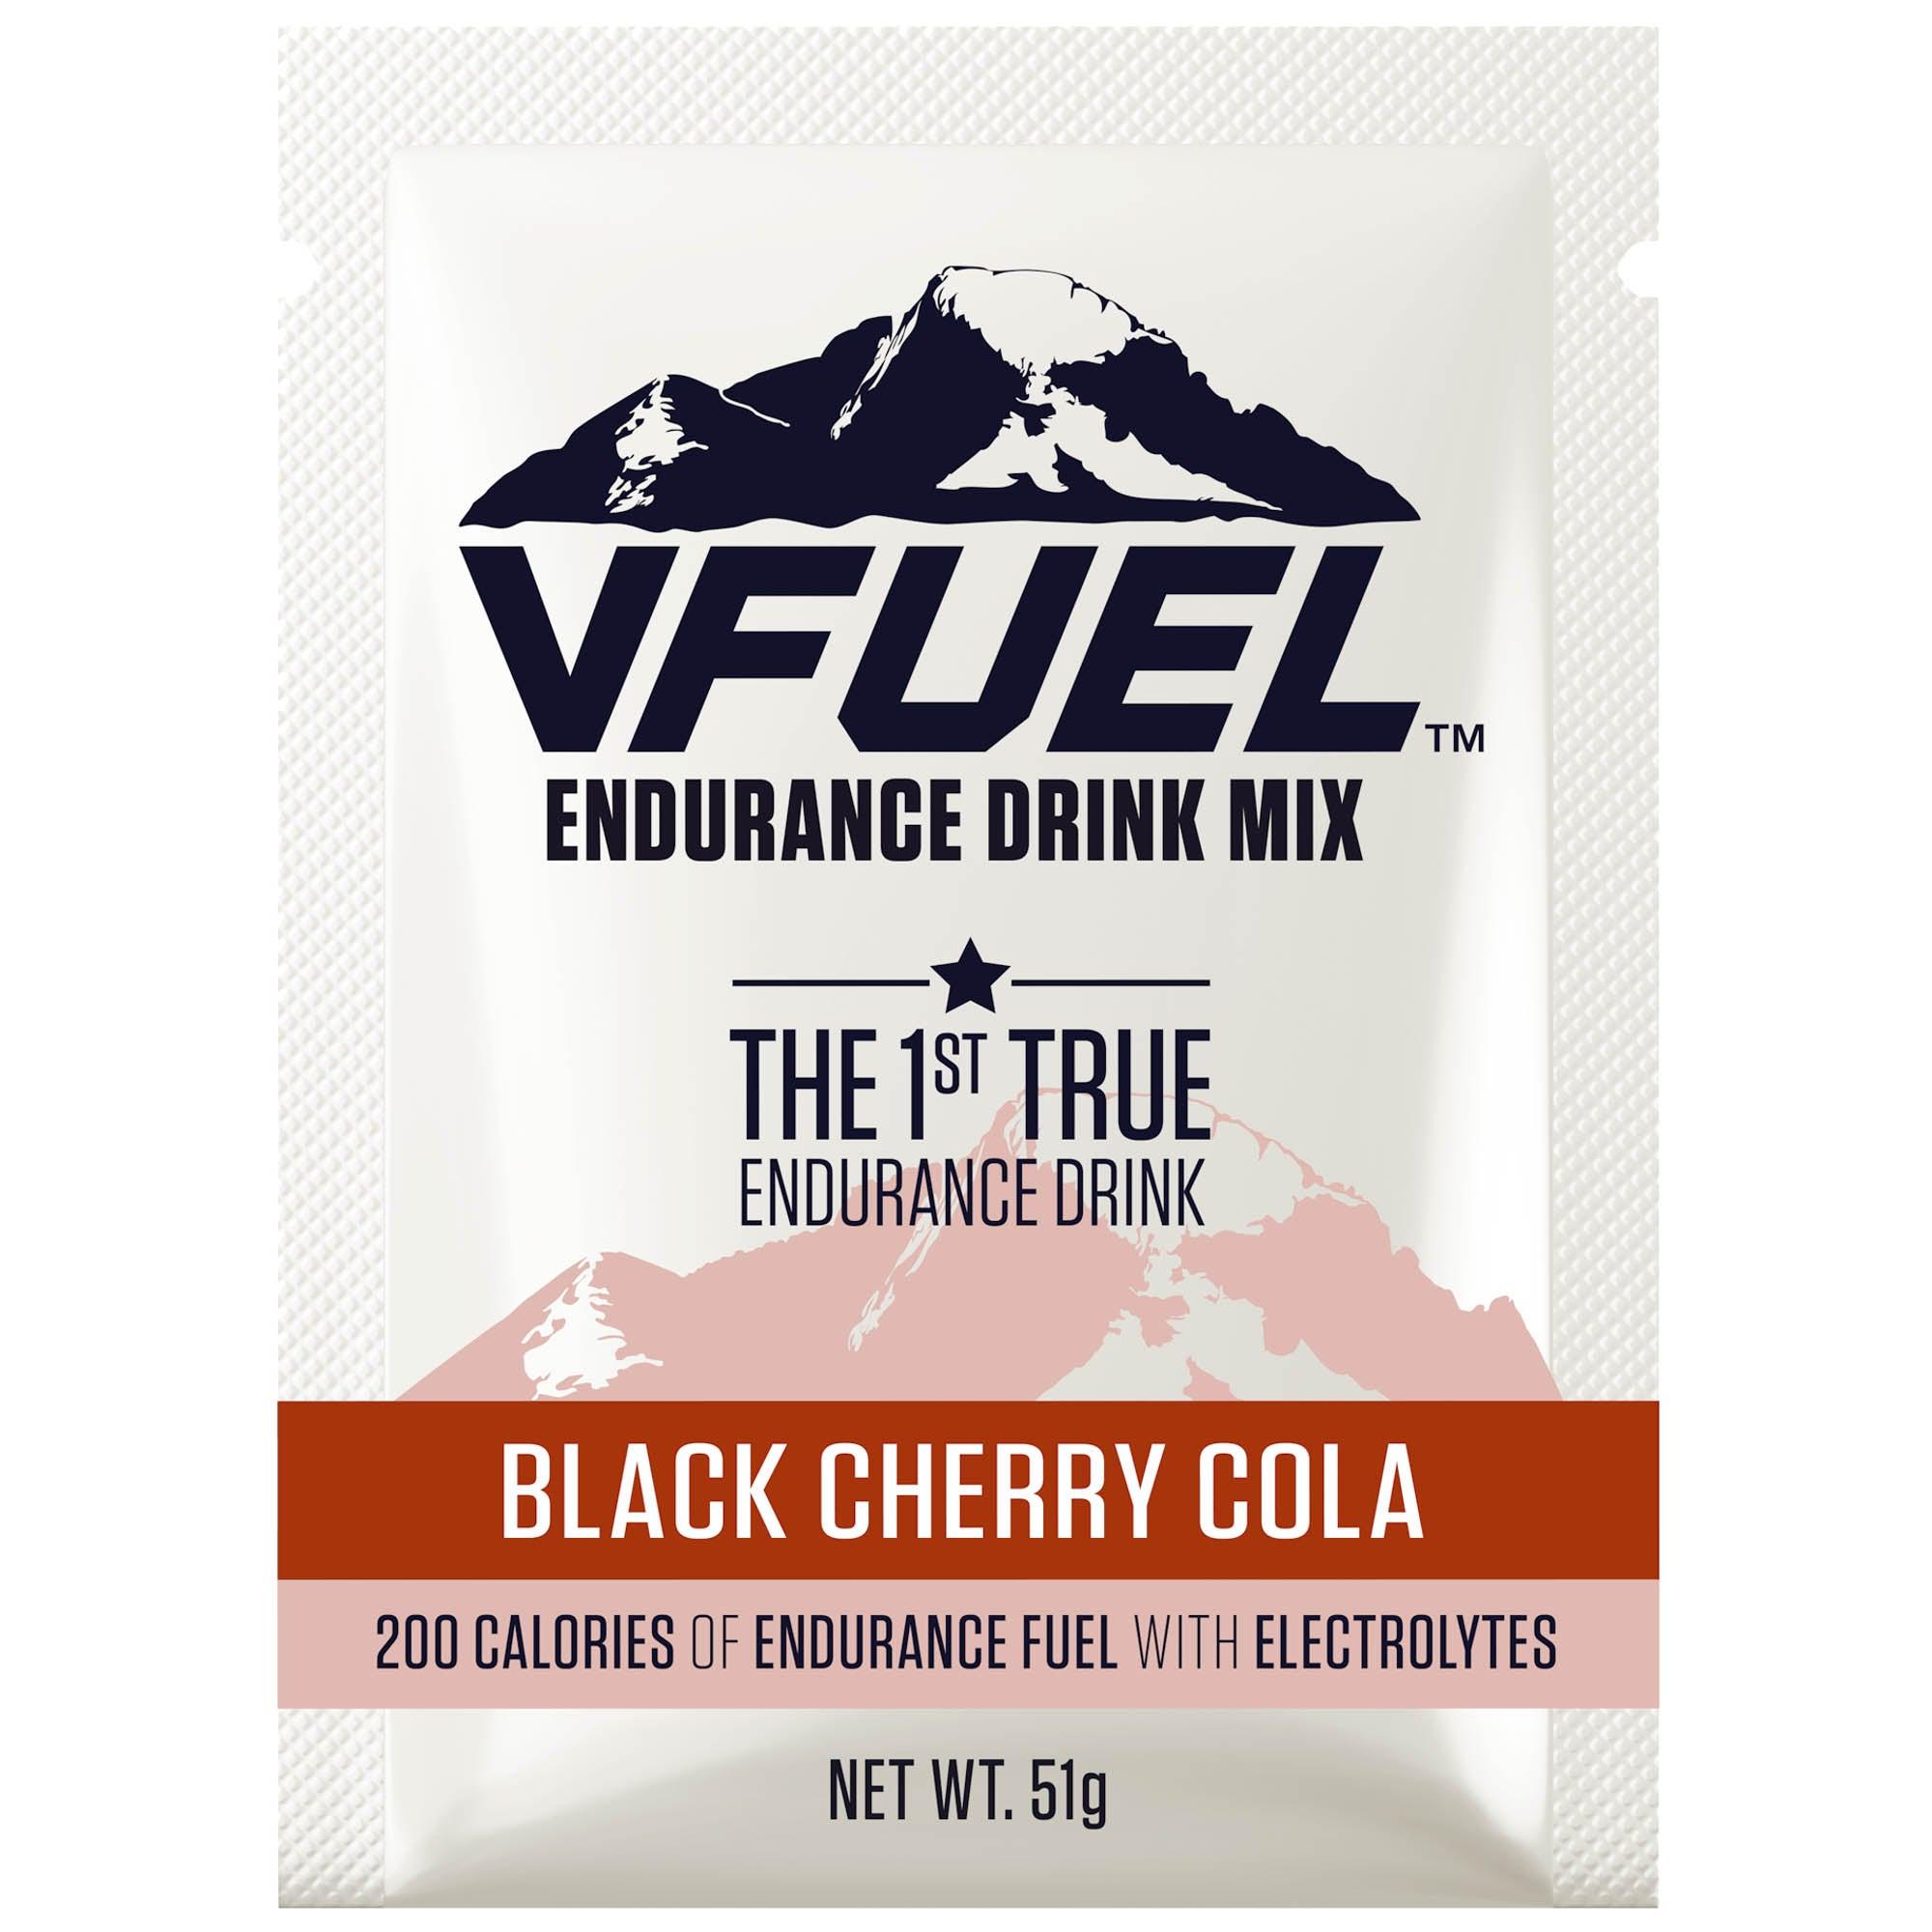 VFUEL black cherry cola